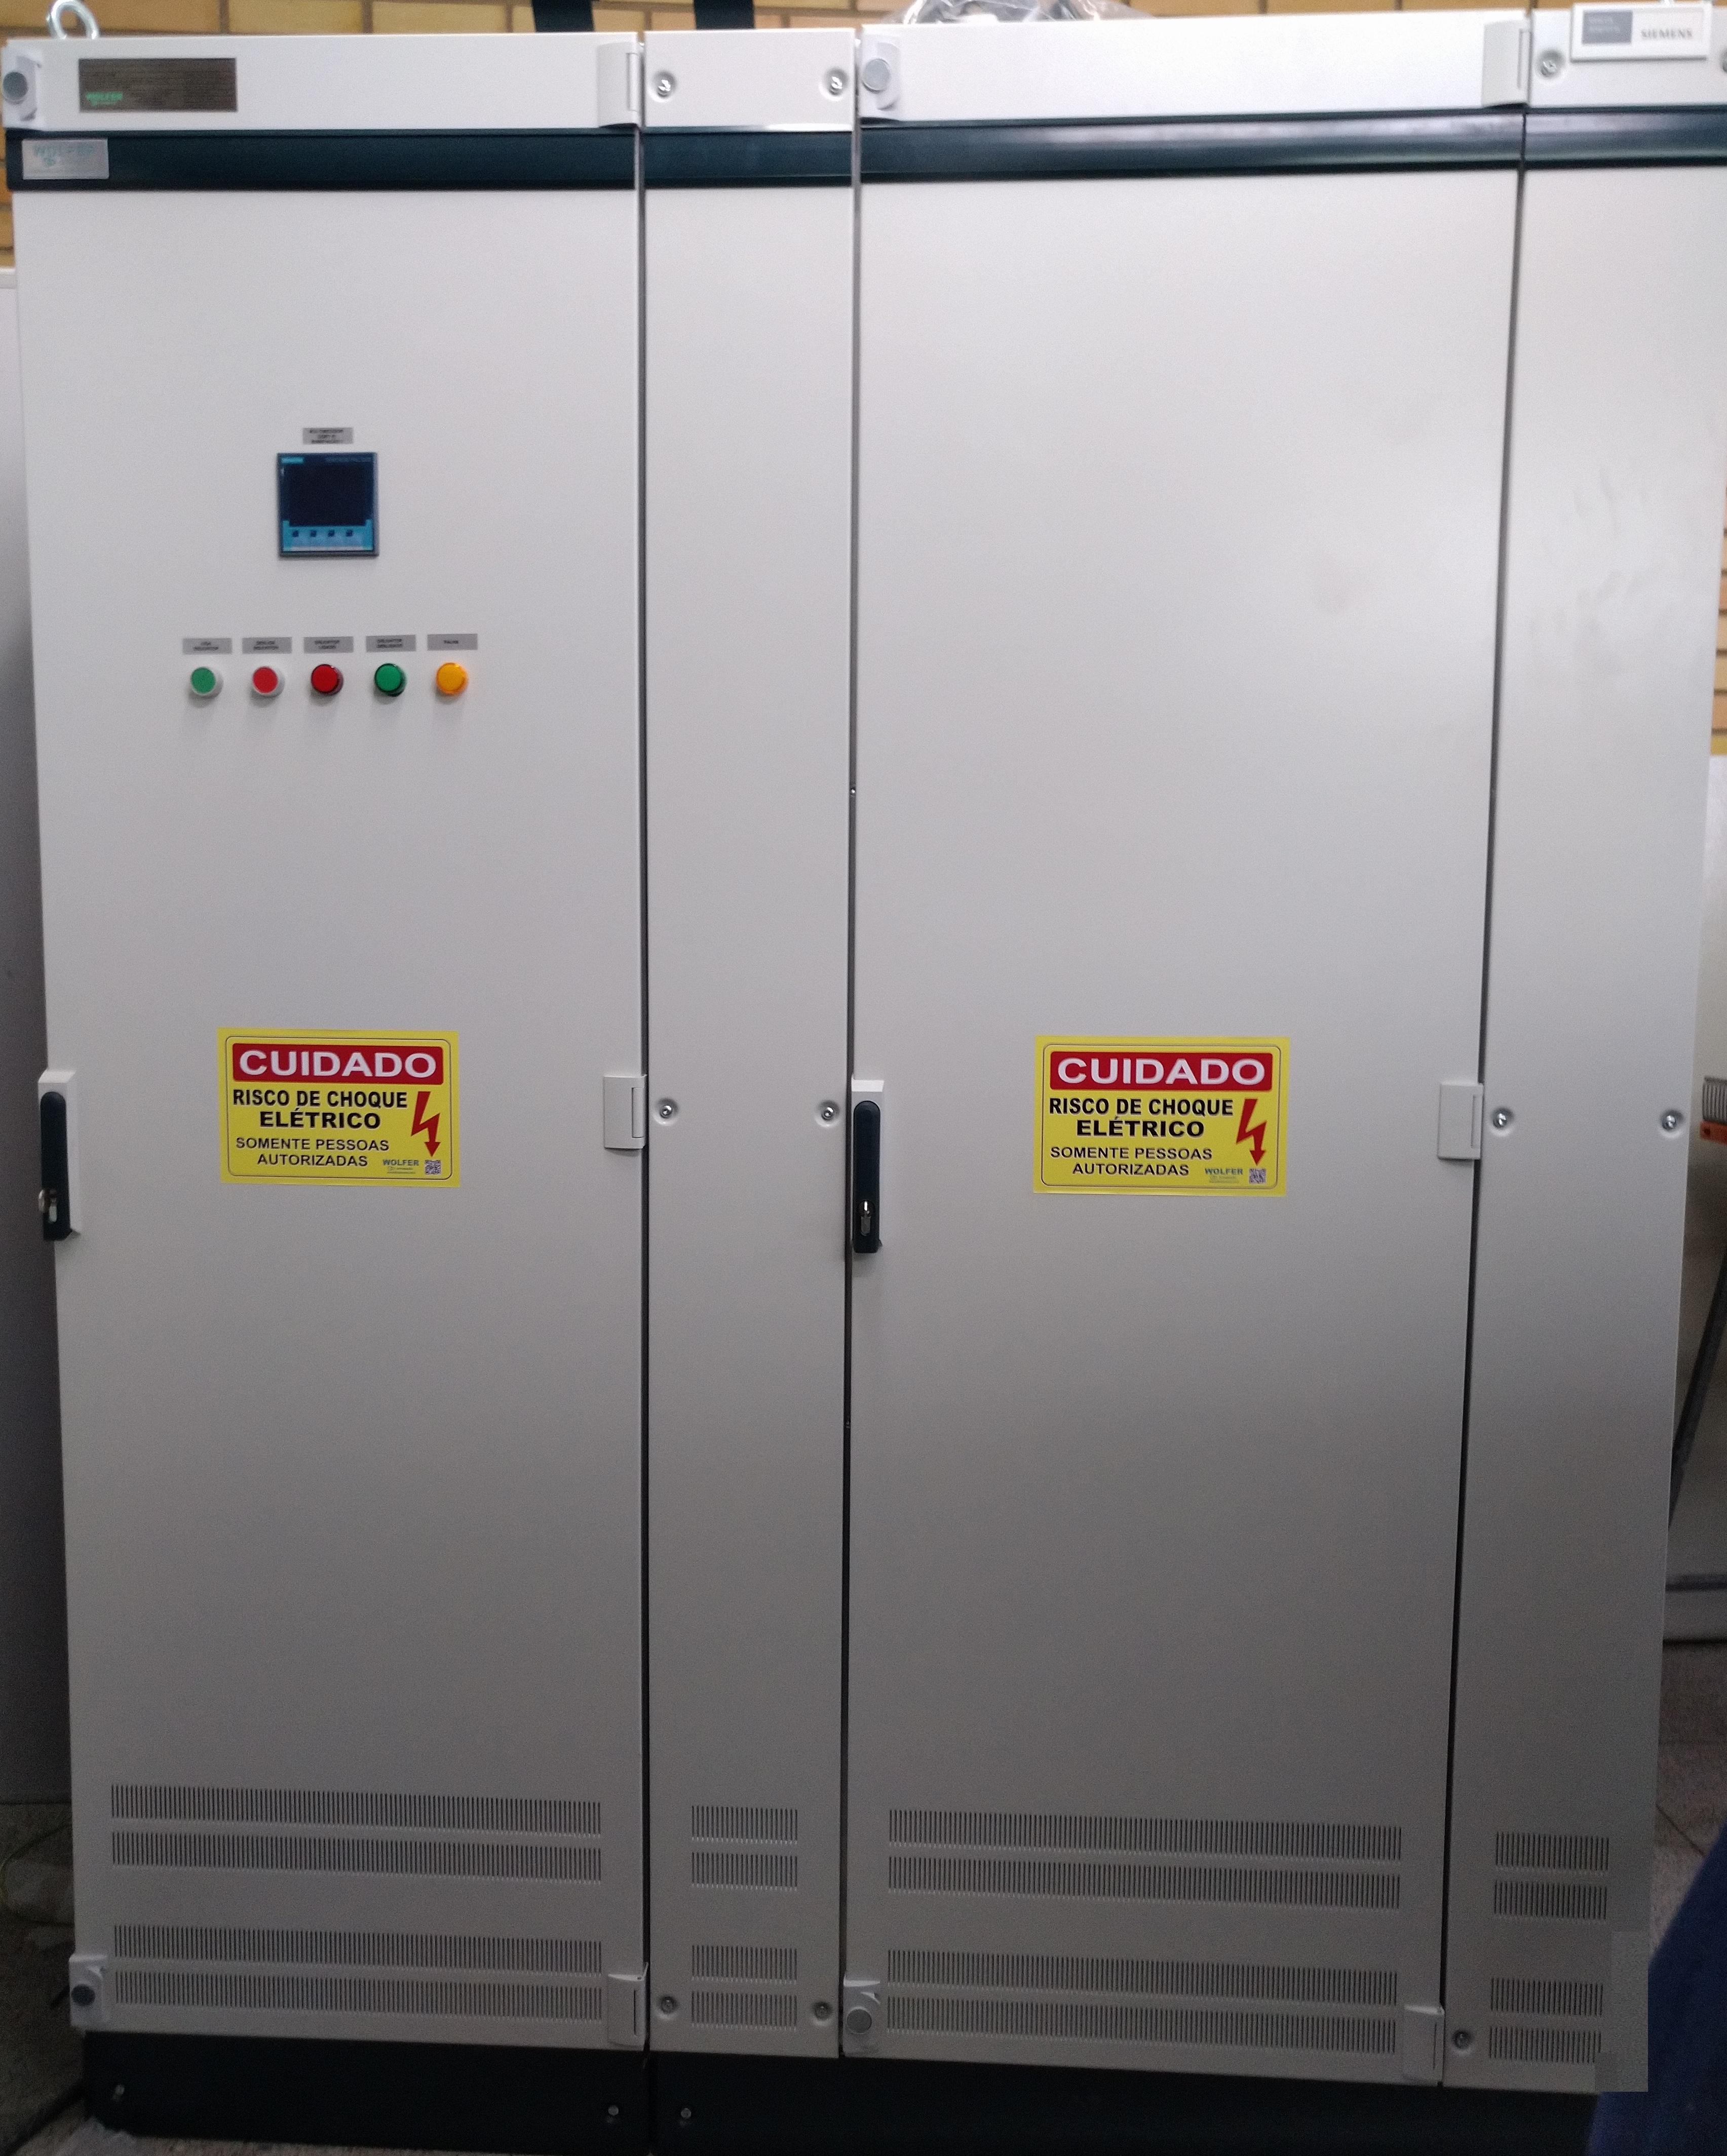 Painéis elétricos de baixa tensão certificados conforme norma ABNT NBR IEC 61439-1 - WOLFER - Automação